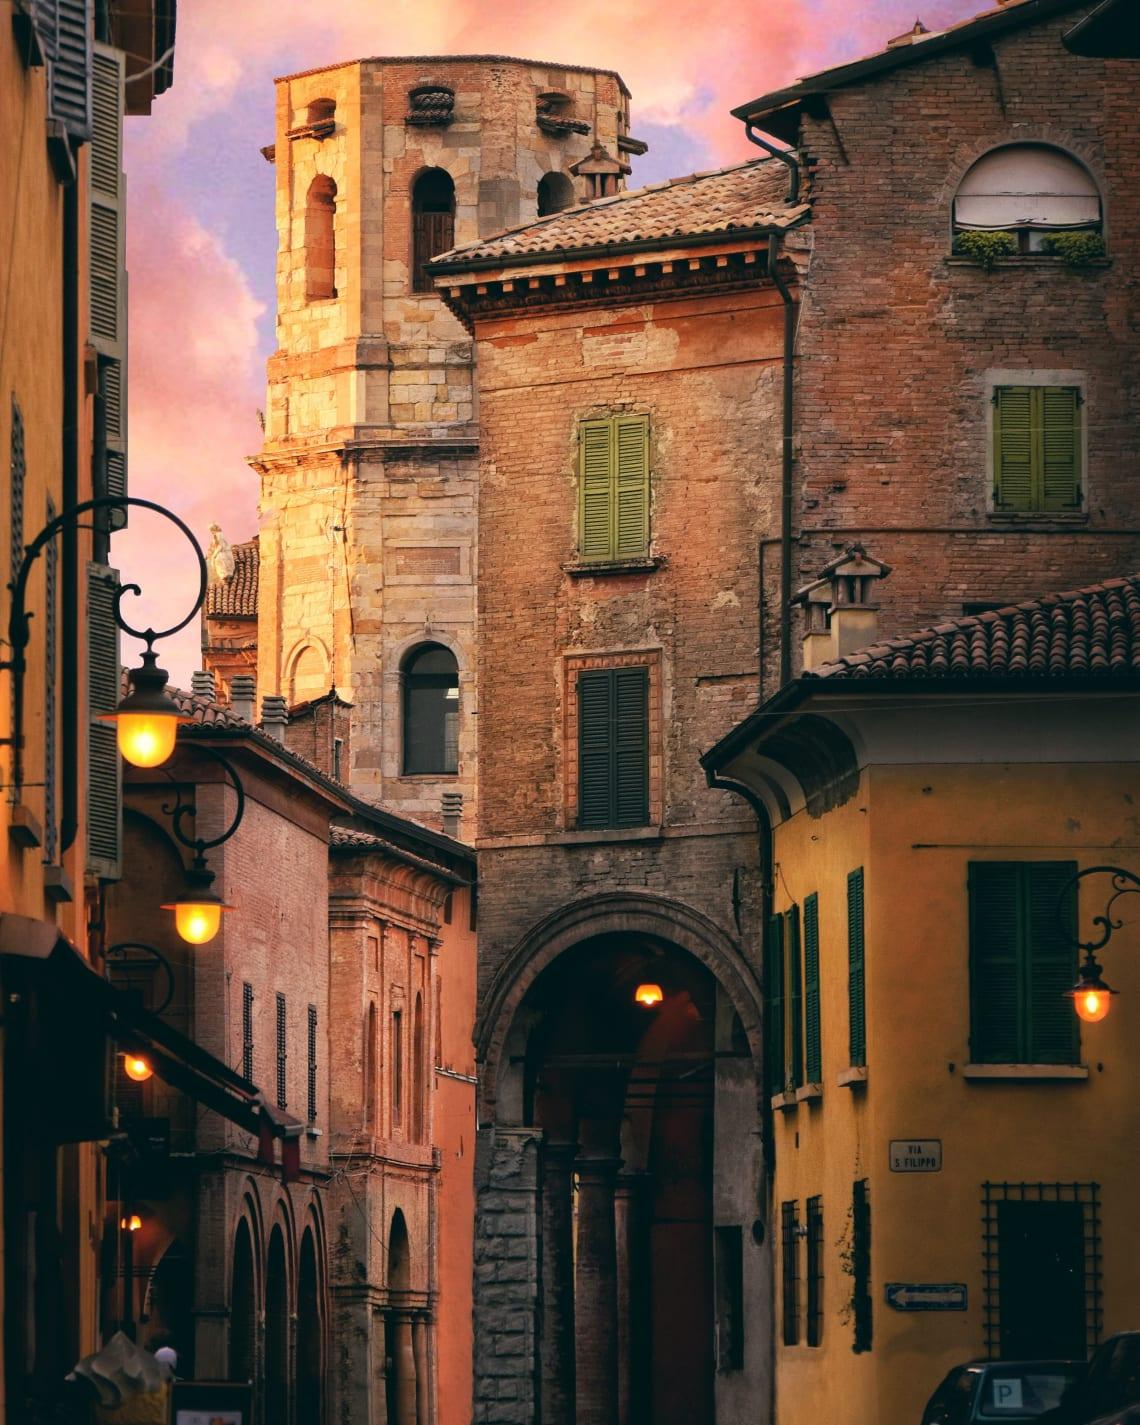 Italy travel: Emilia Romagna